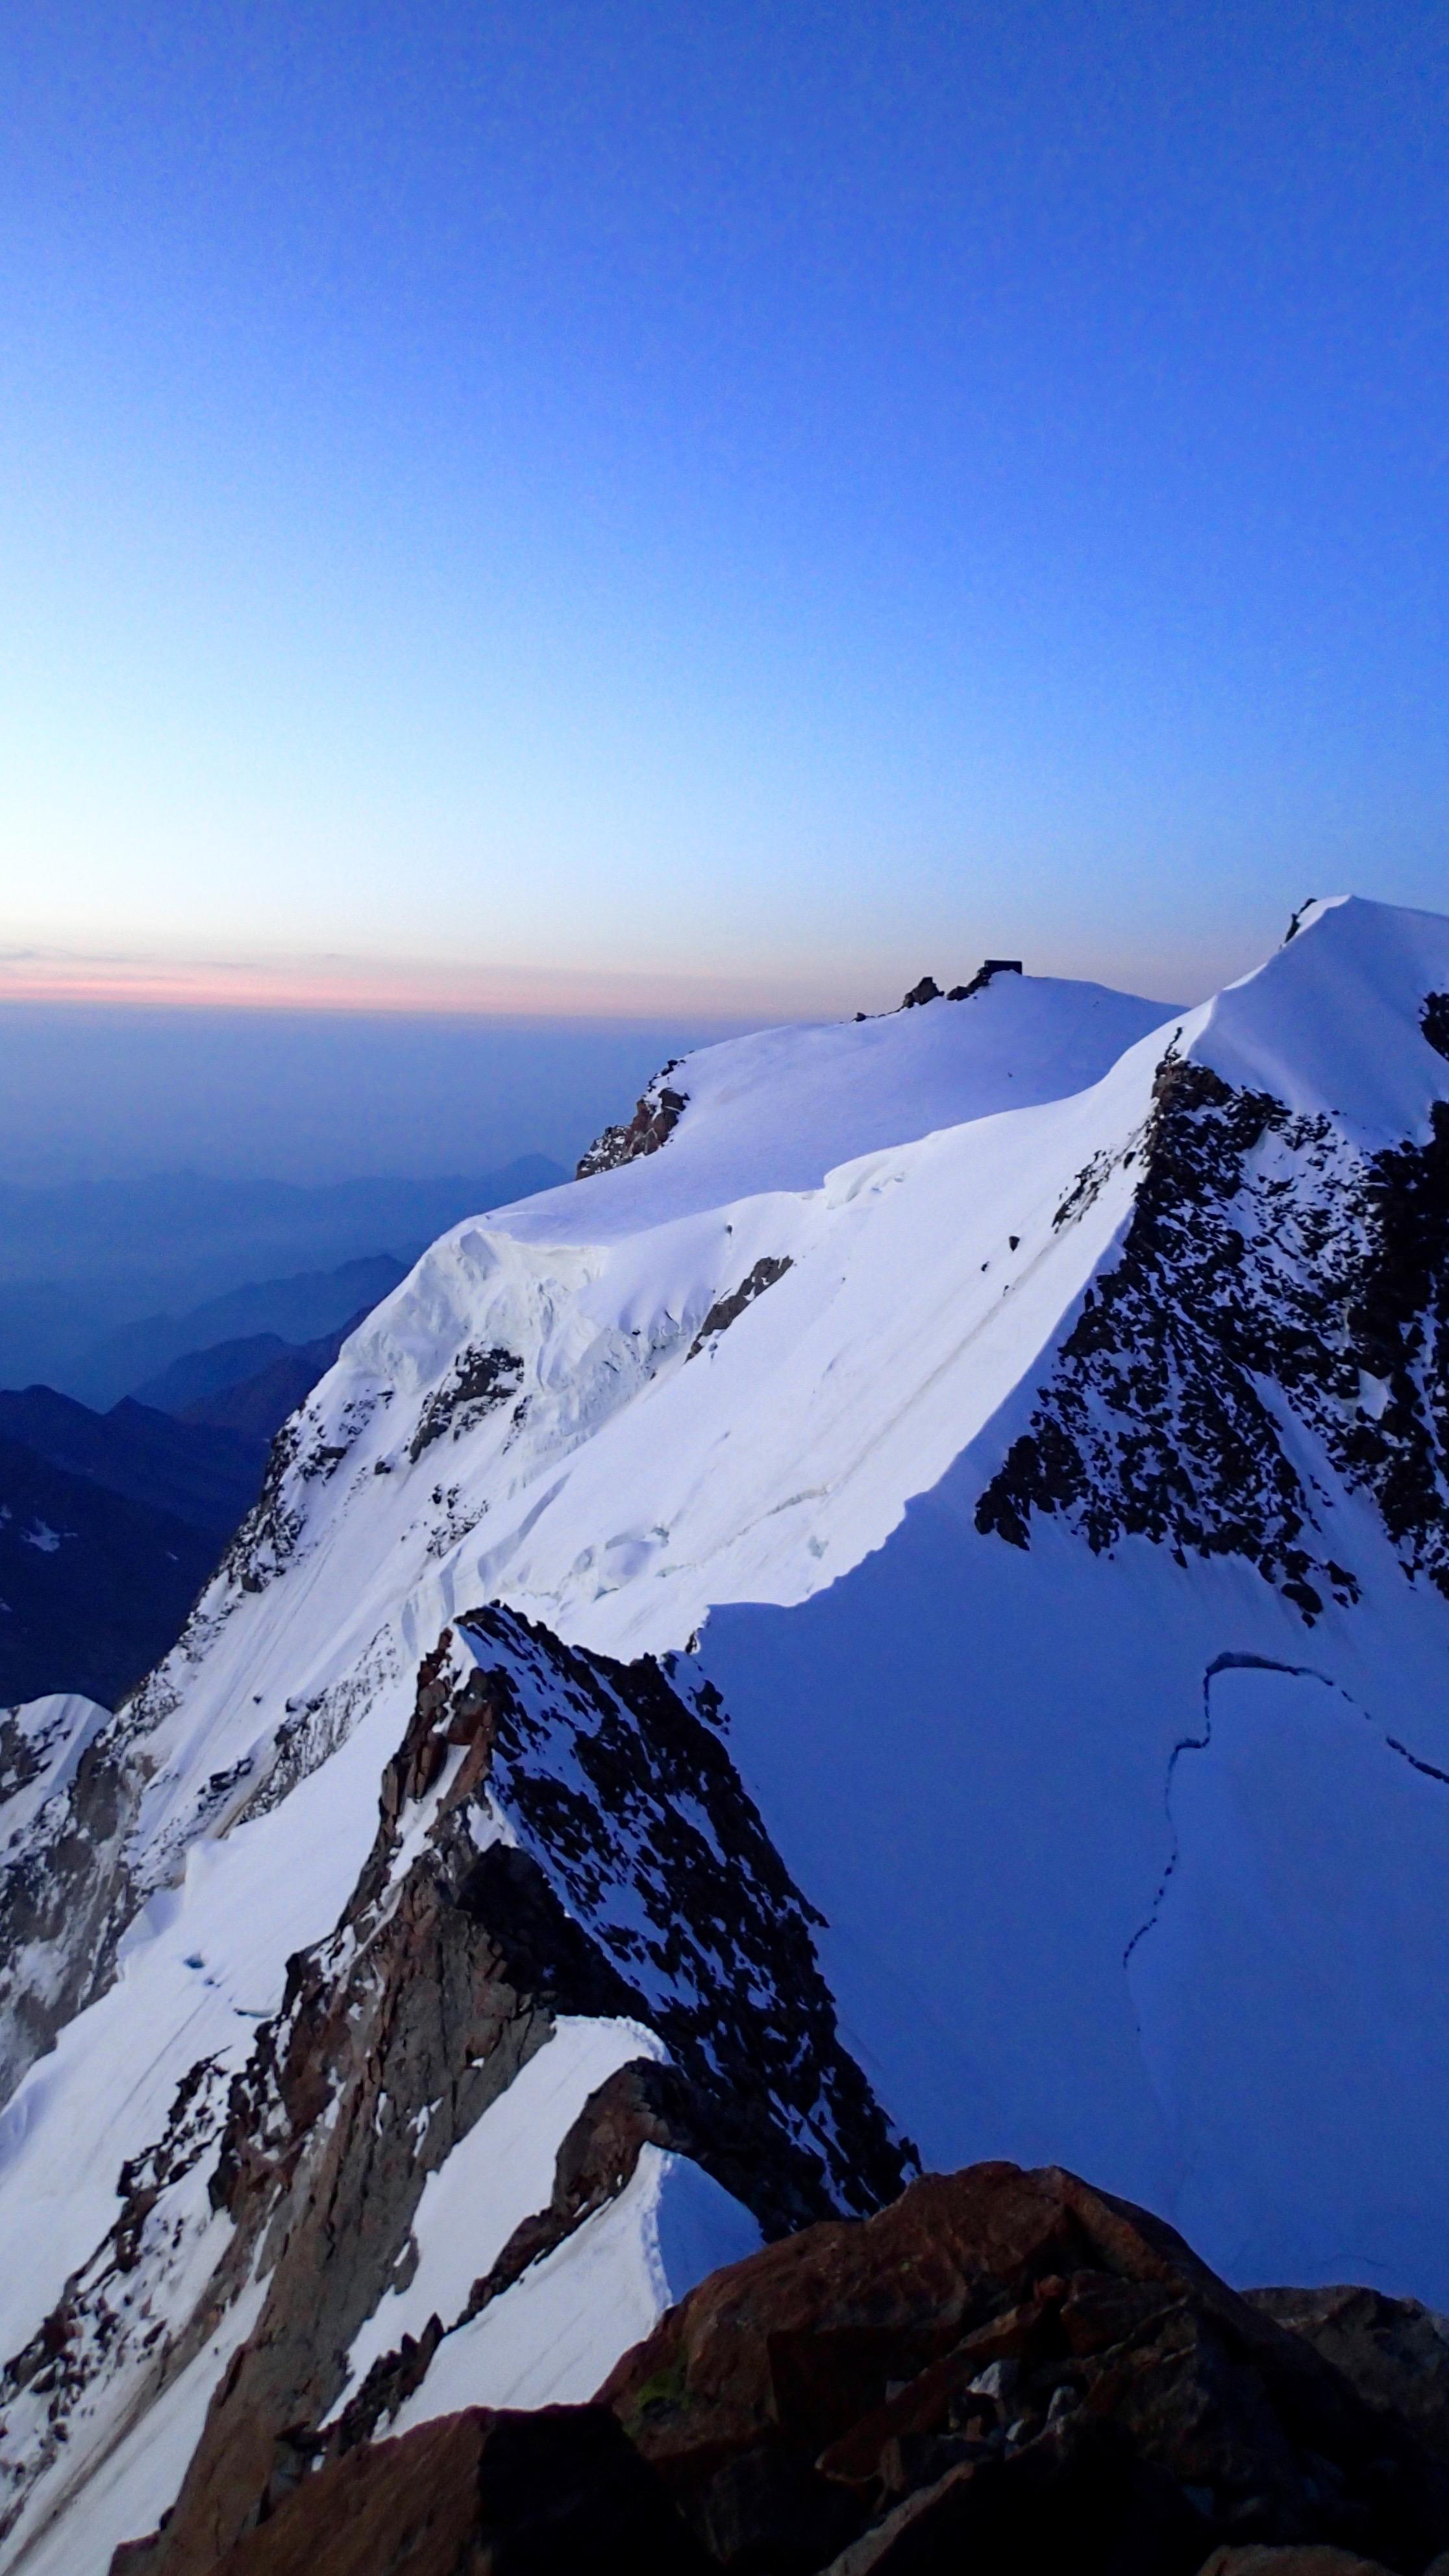 De Zumsteinspitze en het Grenzsattel zijn goed zichtbaar